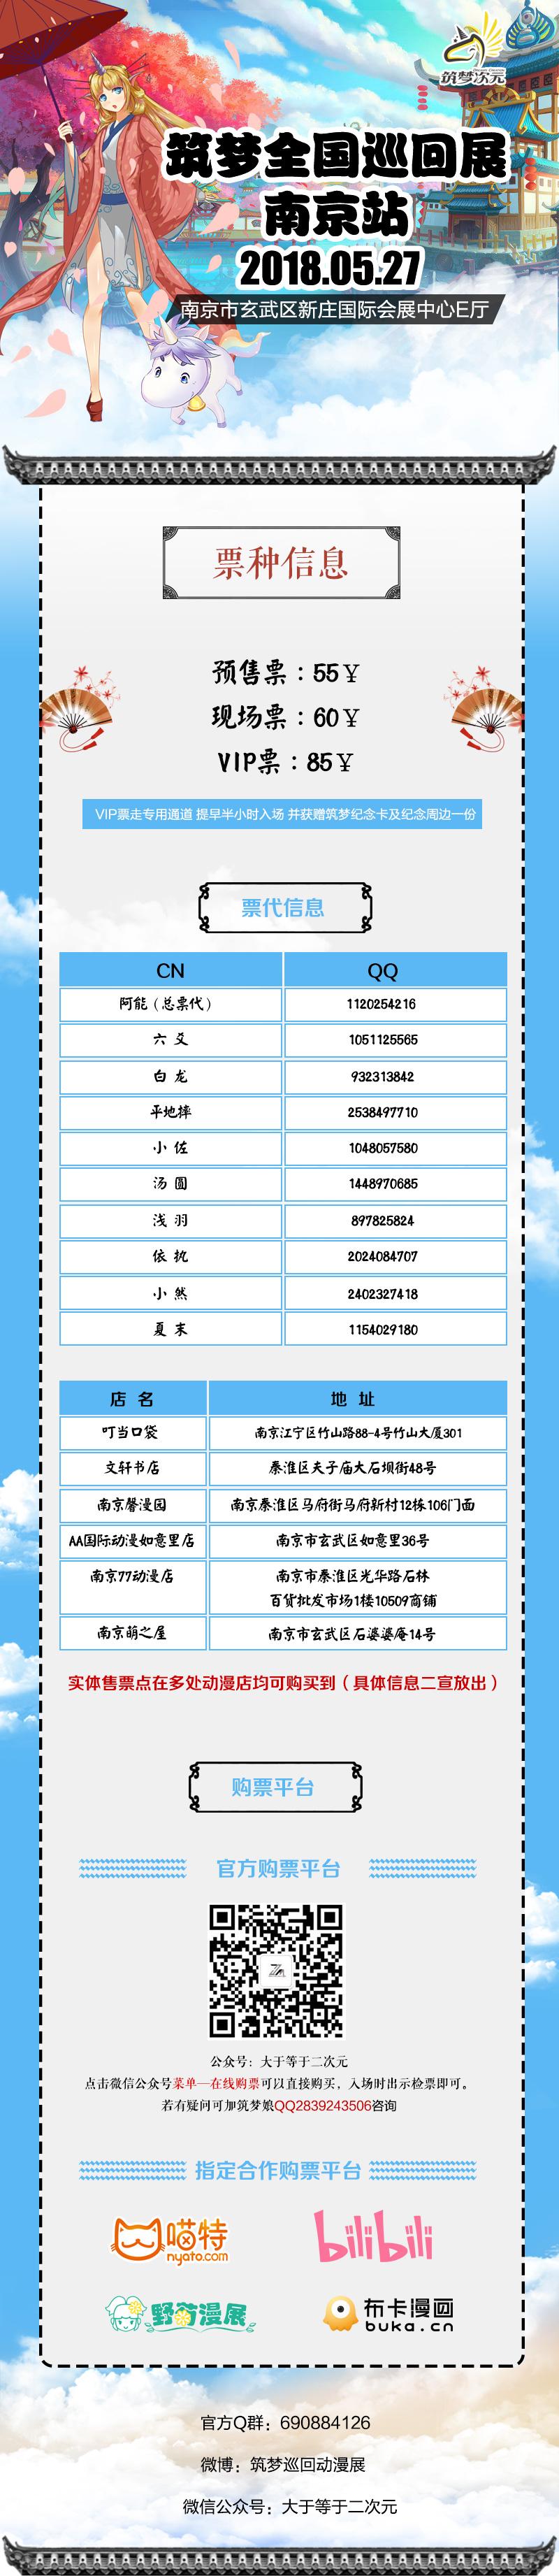 筑梦全国巡回展-南京站-ANICOGA